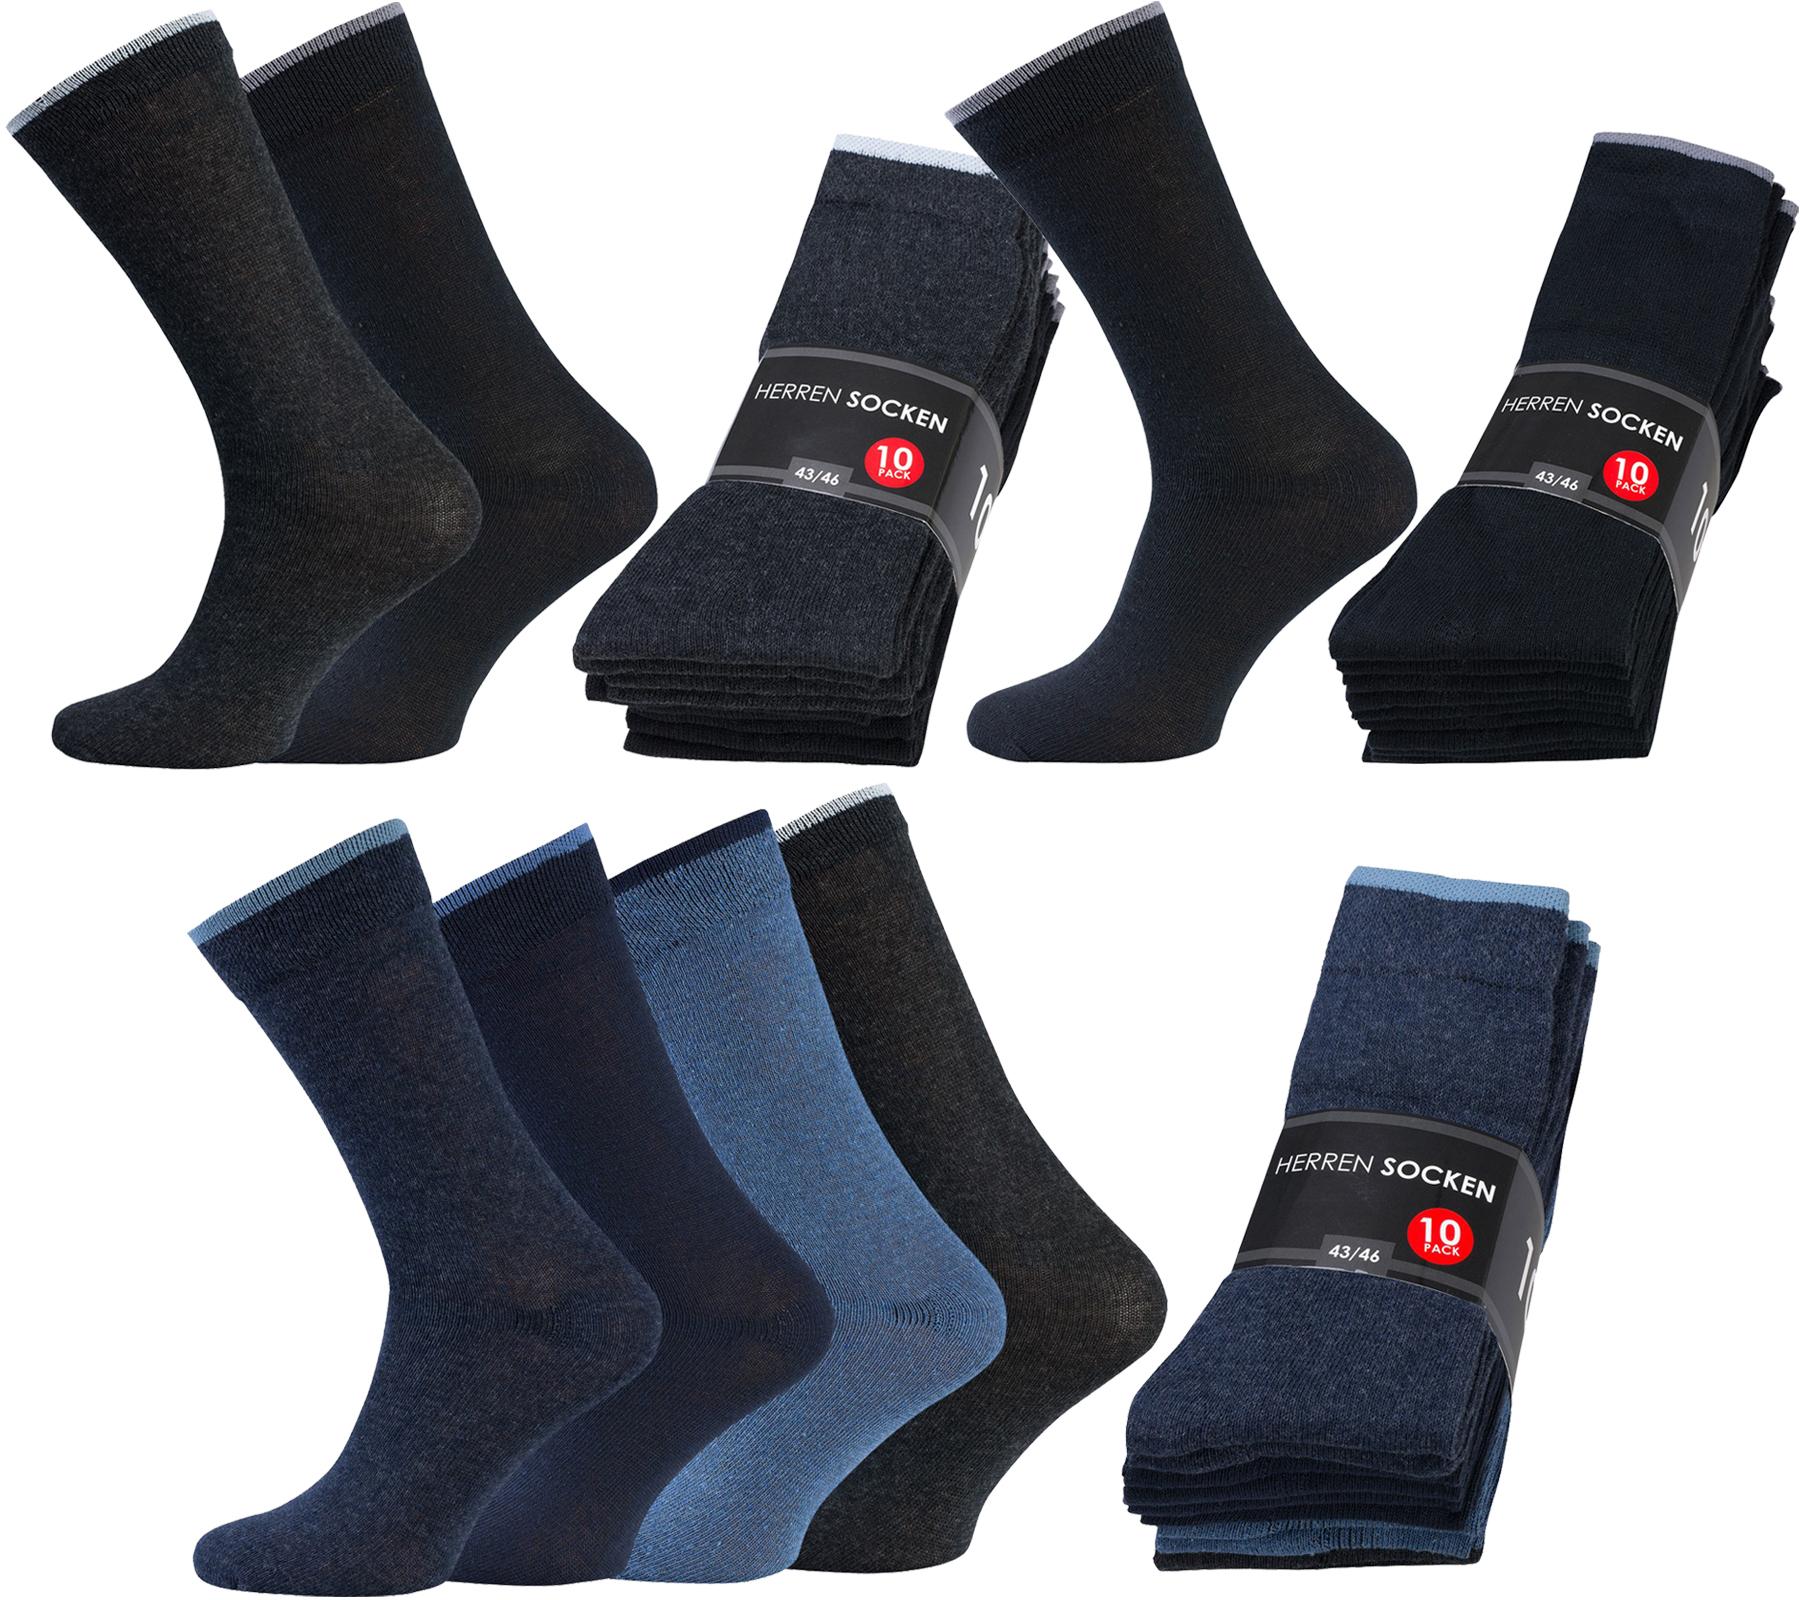 10 Paar Business-Socken für 4,99€ statt 24,99€ bei Outlet46